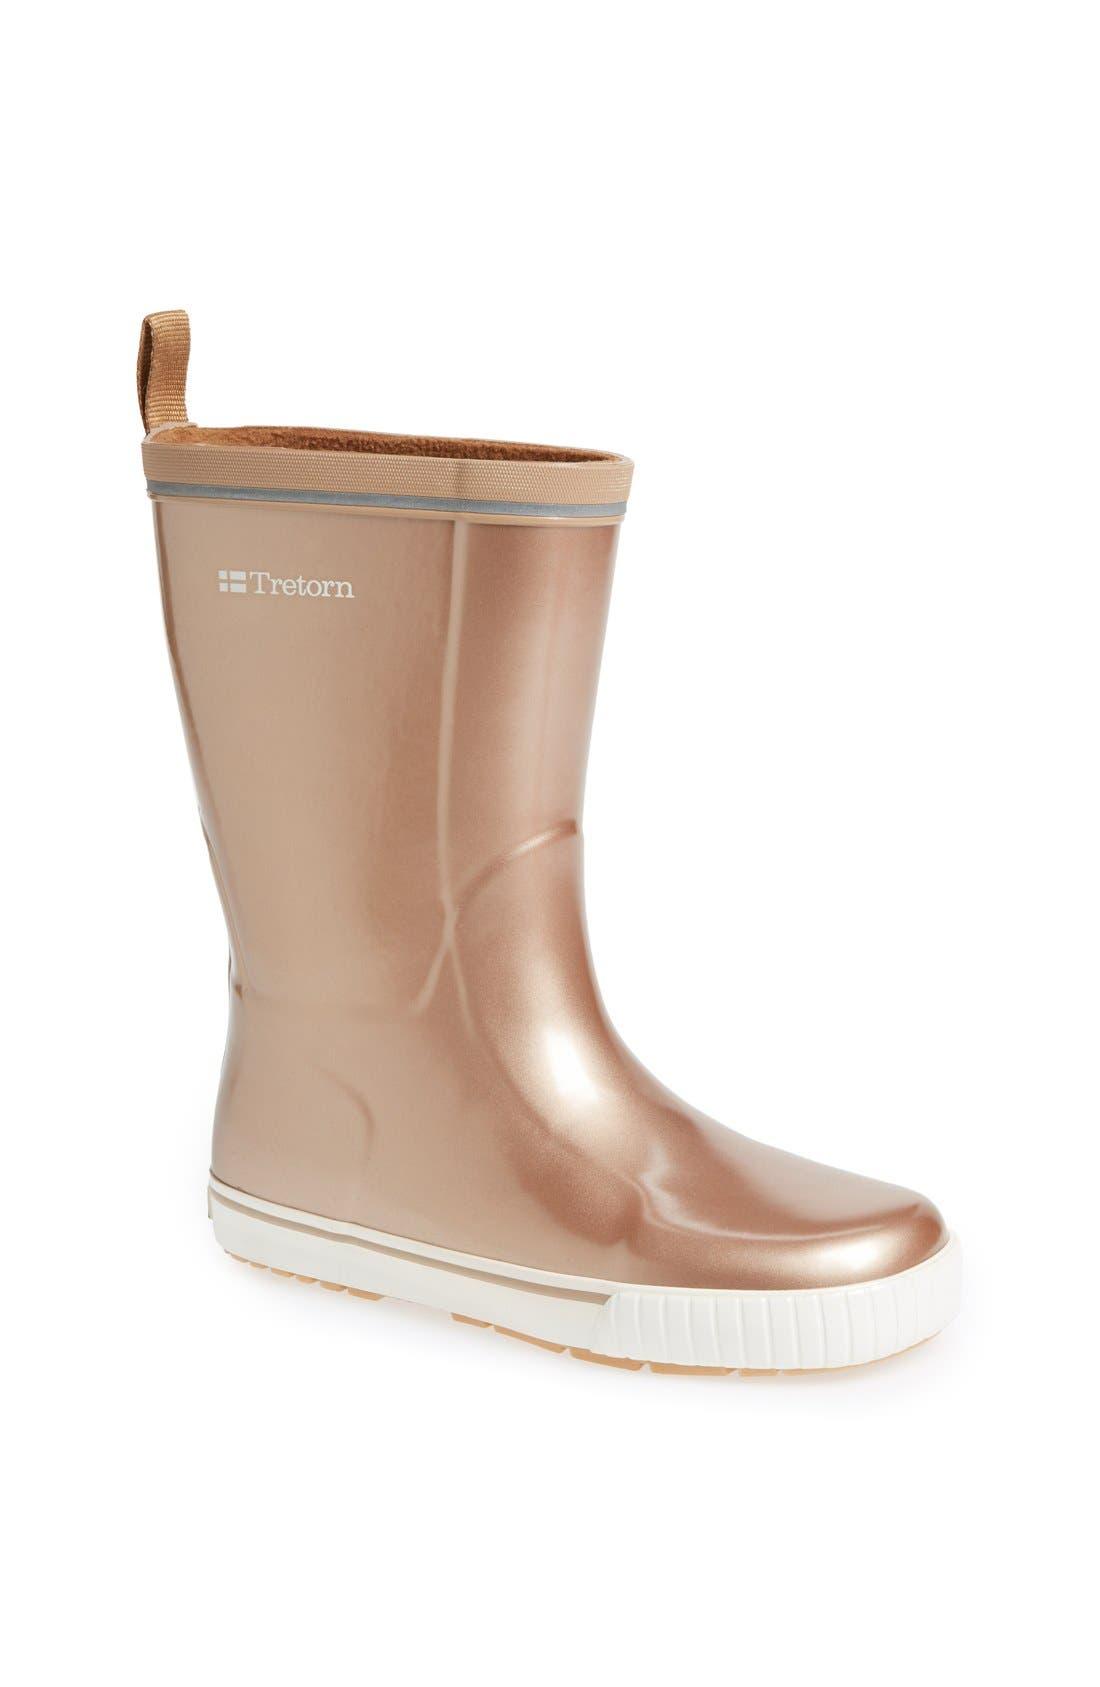 Alternate Image 1 Selected - Tretorn 'Skerry Metallic' Rain Boot (Women)